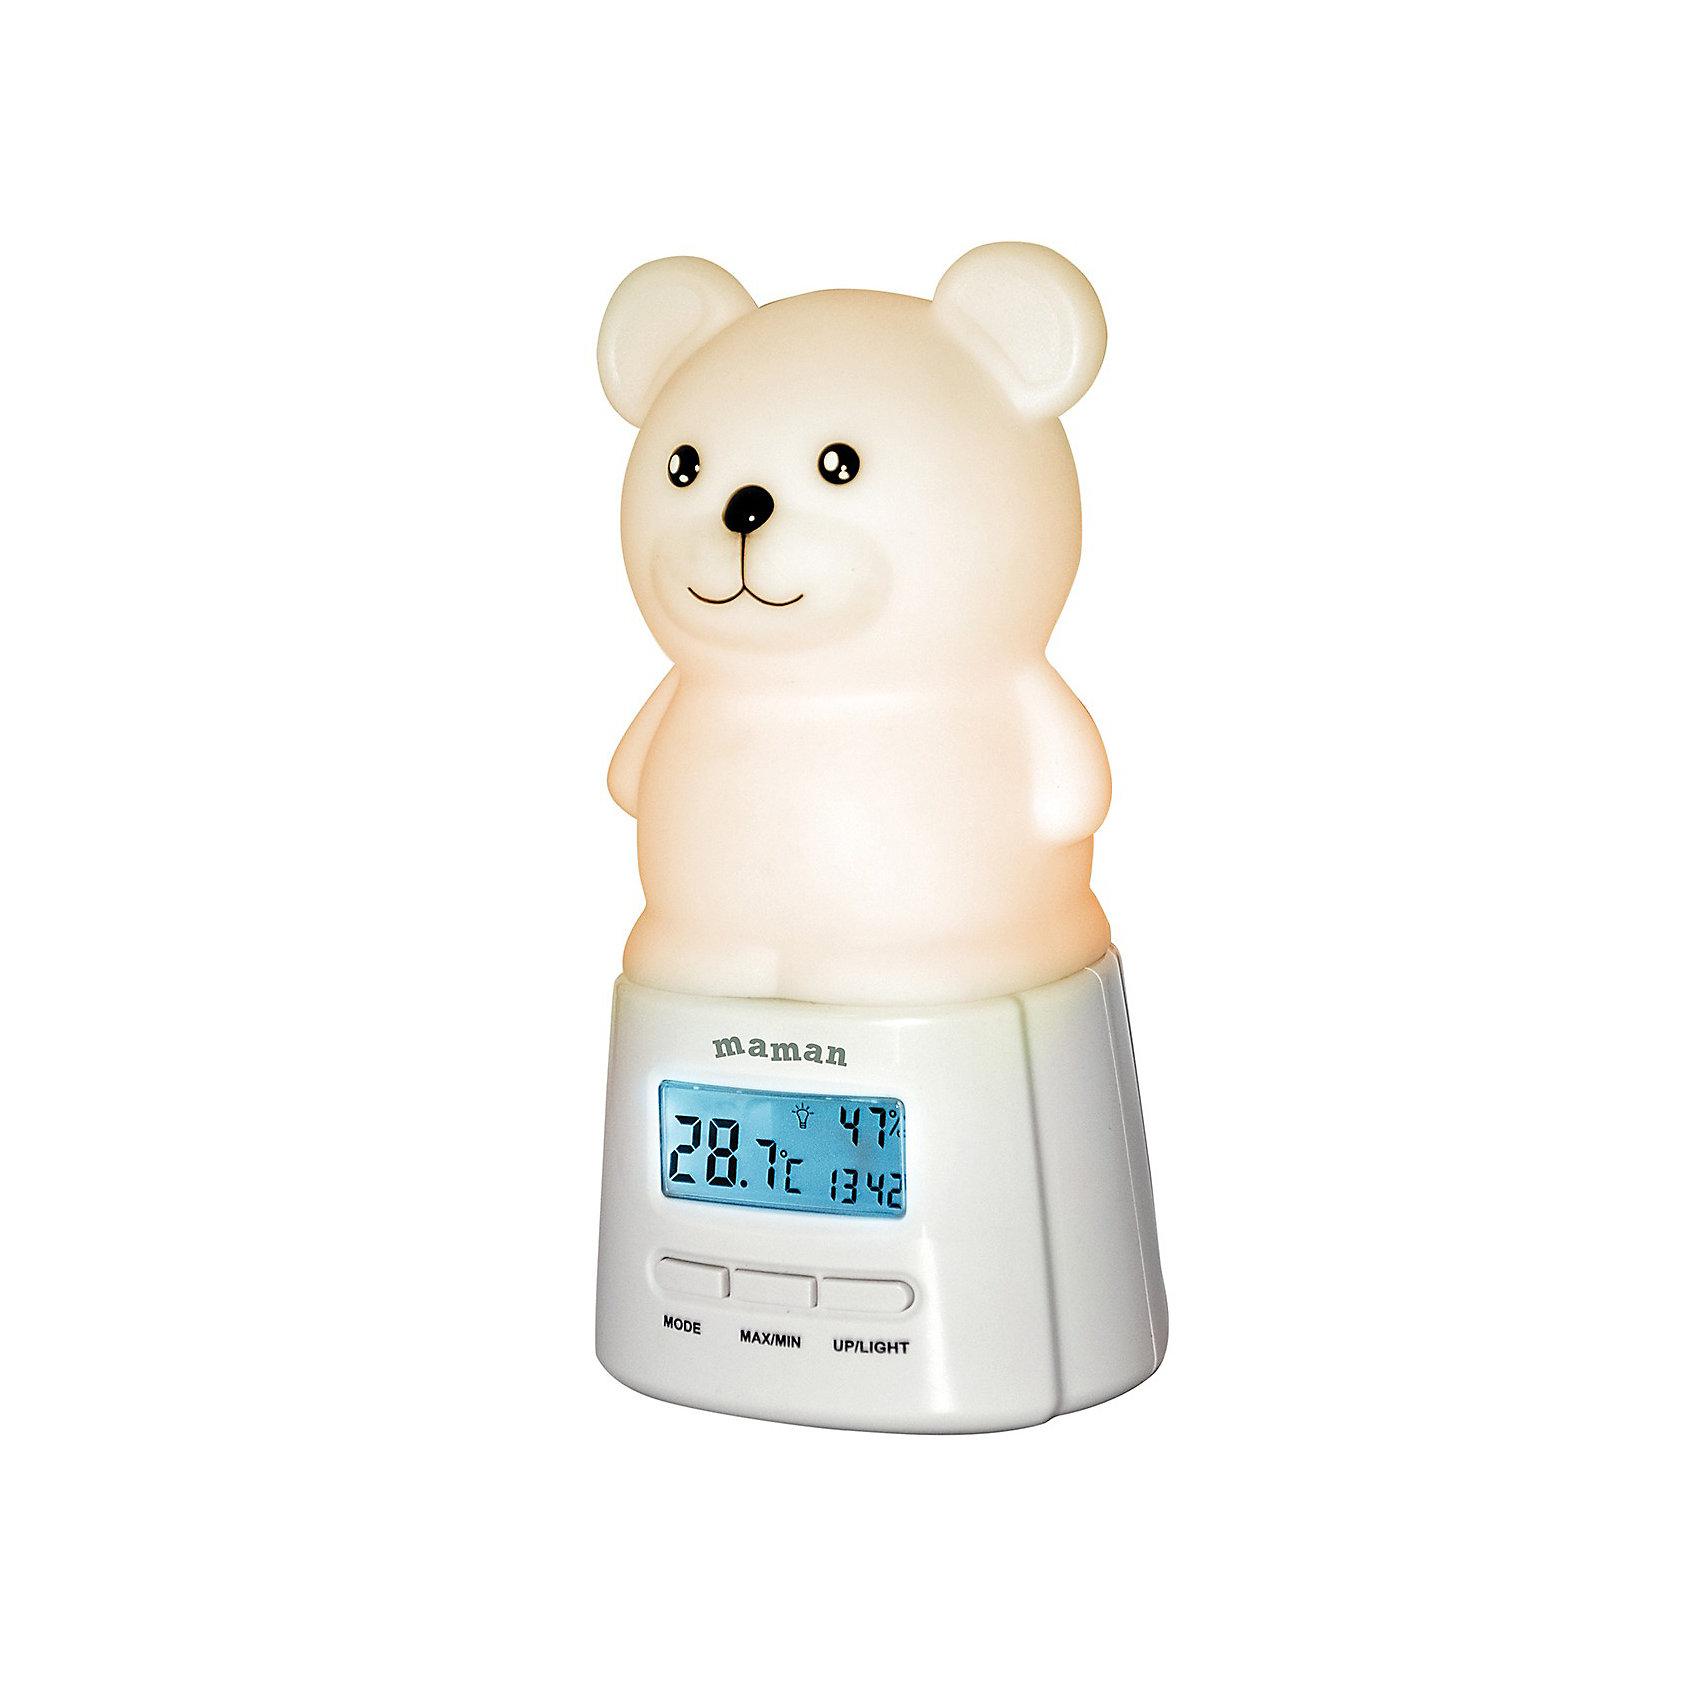 Термометр-гигрометр Maman BL201Термометр-гигрометр Maman BL201 - это совершенно необходимый аксессуар для детской комнаты, который позволит всегда контролировать температуру и влажность в помещении где спит и играет малыш. Ведь для правильного развития ребенка он не должен дышать слишком теплым и сухим воздухом. Симпатичный ночничок в виде мишки включается и выключается одним прикосновением к сенсорной зоне. Он может менять цвет при изменении температуры и обязательно понравится Вашему малышу!<br><br>Дополнительная информация: <br><br>- Комплектация: термогигрометр; мини usb-кабель; 2 батарейки типа ААА 1,5В; руководство пользователя;<br>- 3 режима работы функции ночника:<br>ручное изменение цвета<br>автоматическое изменение цвета<br>изменение цвета в зависимости от комнатной                  температуры:<br>Красный - Свыше 30,0°С<br>Розовый - 26,0 до 29,9°С<br>Оранжевый - 21,0 до 25,9°С<br>Зеленый - 17,0 до 20,9°С<br>Фиолетовый - 10,0 до 16,9°С<br>Белый Ниже - 9,9°С<br>- Измерение комнатной температуры;<br>- Измерение влажности в помещении;<br>- Часы;<br>- Будильник; <br>- Ночник (3 режима работы, 7 цветов освещения, сенсорное управление);<br>- Память максимальных и минимальных значений температуры и влажности;<br>- Возможность подзарядки аккумулятора (для работы ночника) от USB (кабель в комплекте);<br>- Диапазон измерения температуры: 0-50 градусов;<br>- Диапазон измерения влажности: 25-85%.<br><br>Термометр-гигрометр Maman BL201 можно купить в нашем интернет-магазине.<br><br>Ширина мм: 85<br>Глубина мм: 110<br>Высота мм: 225<br>Вес г: 380<br>Возраст от месяцев: 0<br>Возраст до месяцев: 1188<br>Пол: Унисекс<br>Возраст: Детский<br>SKU: 3593311